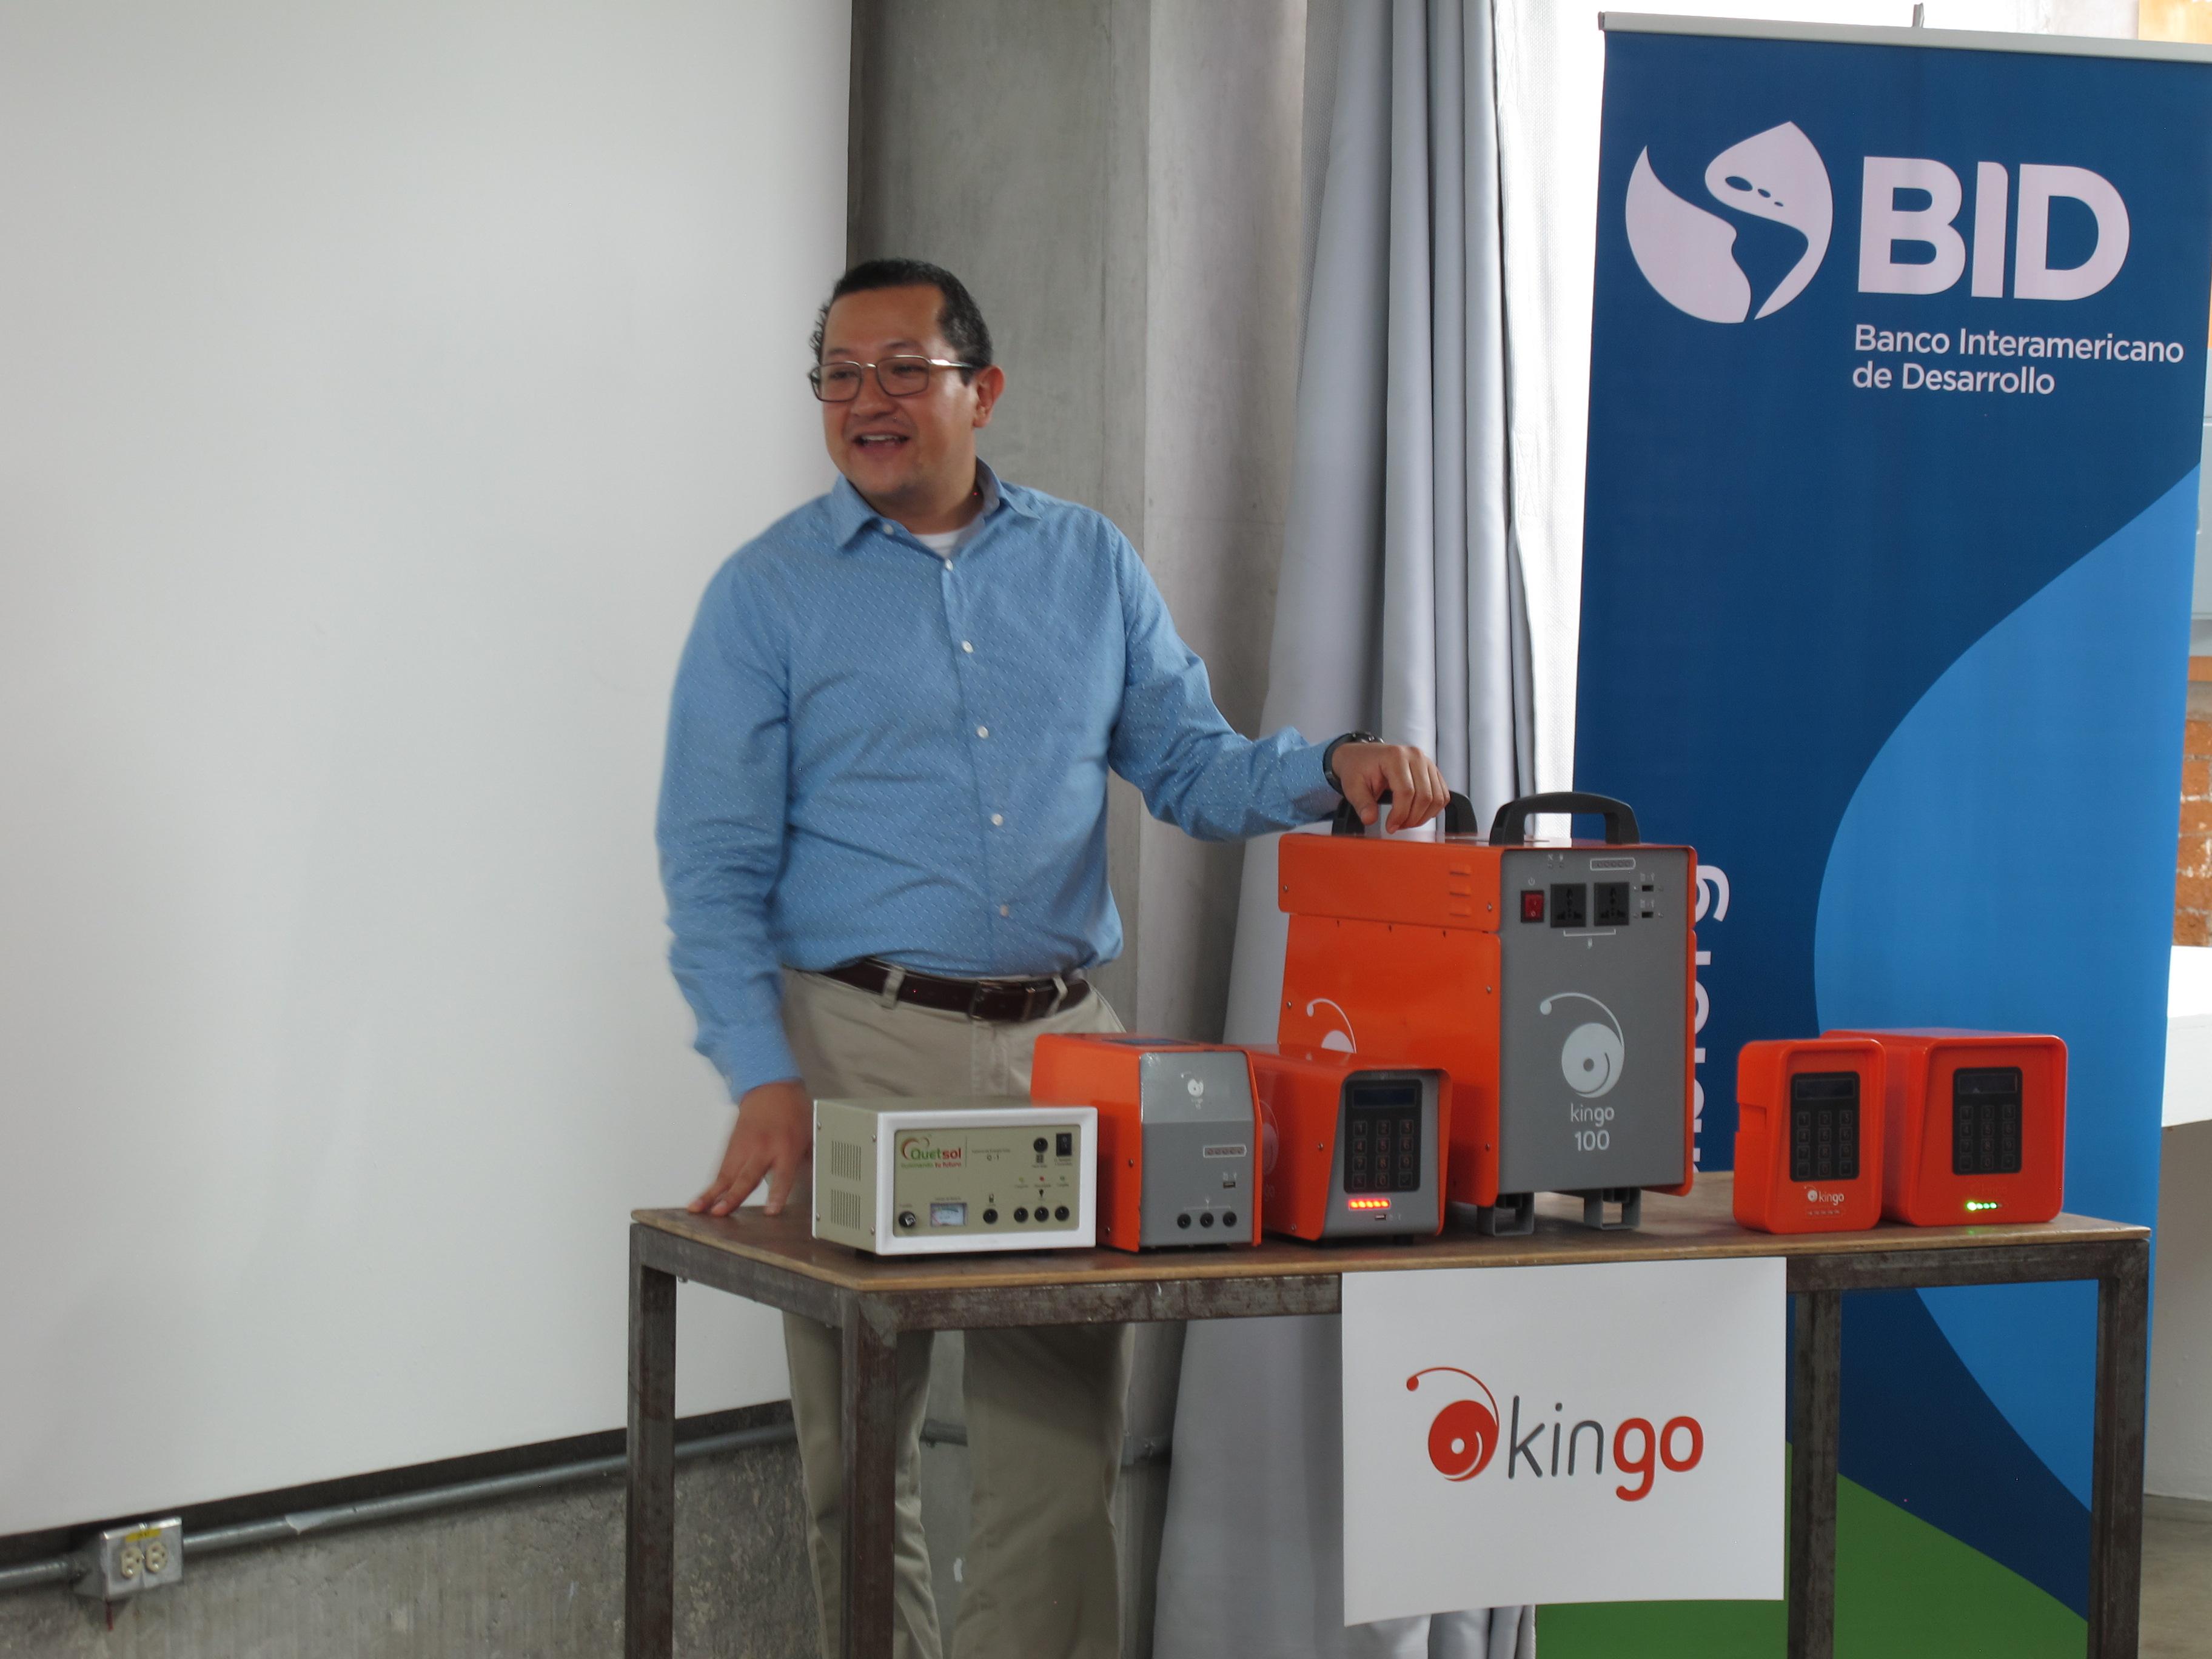 En este laboratorio habrá maquinaria para desarrollar tecnologías de punta con el objetivo de llevar electricidad a áreas rurales del país.  (Foto Prensa Libre: María Reneé Barrientos)